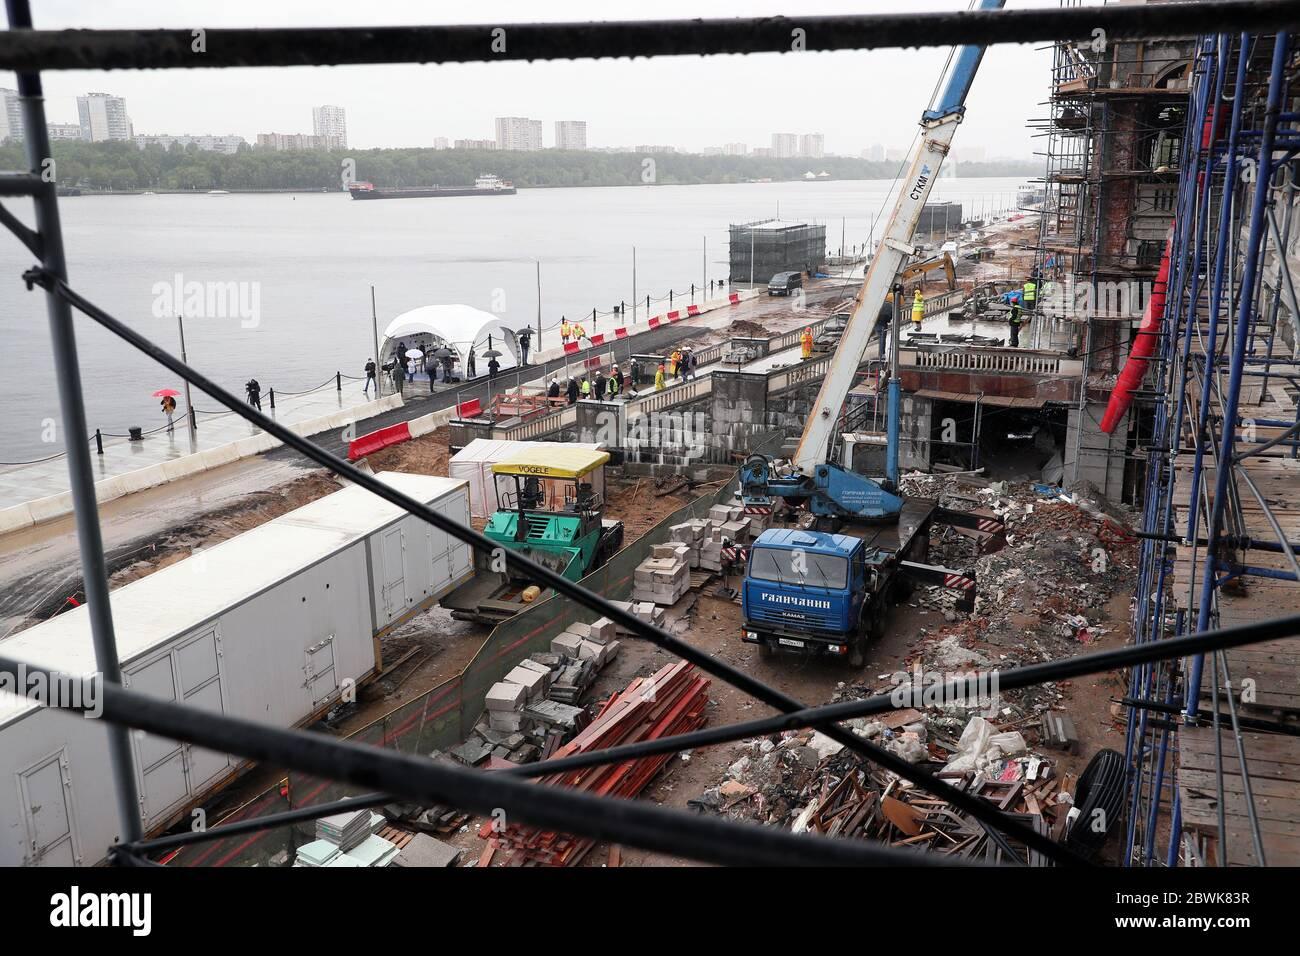 Moscou, Russie. 2 juin 2020. Travaux d'amélioration en cours au terminal de North River. Crédit: Gavriil Grigorov/TASS/Alay Live News Banque D'Images